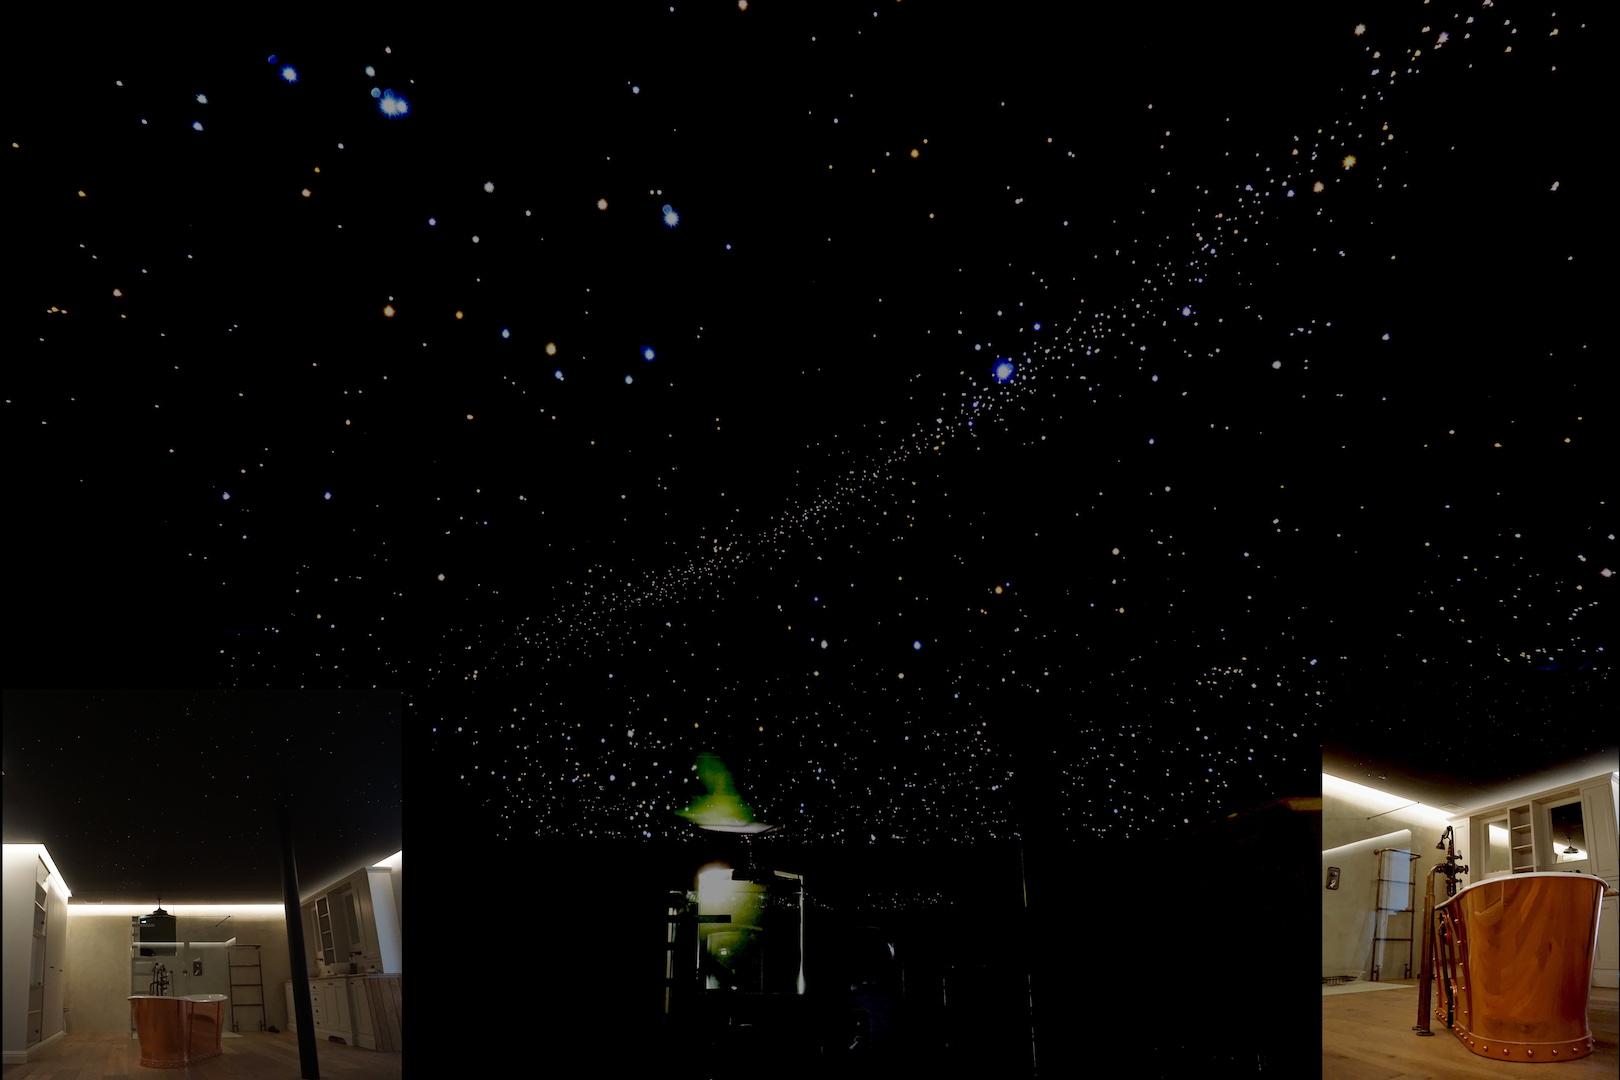 mycosmos ciel étoilé fibre optic plafond led chambre etoile étoile salle de bain sauna spa luxe voies lactées photos image